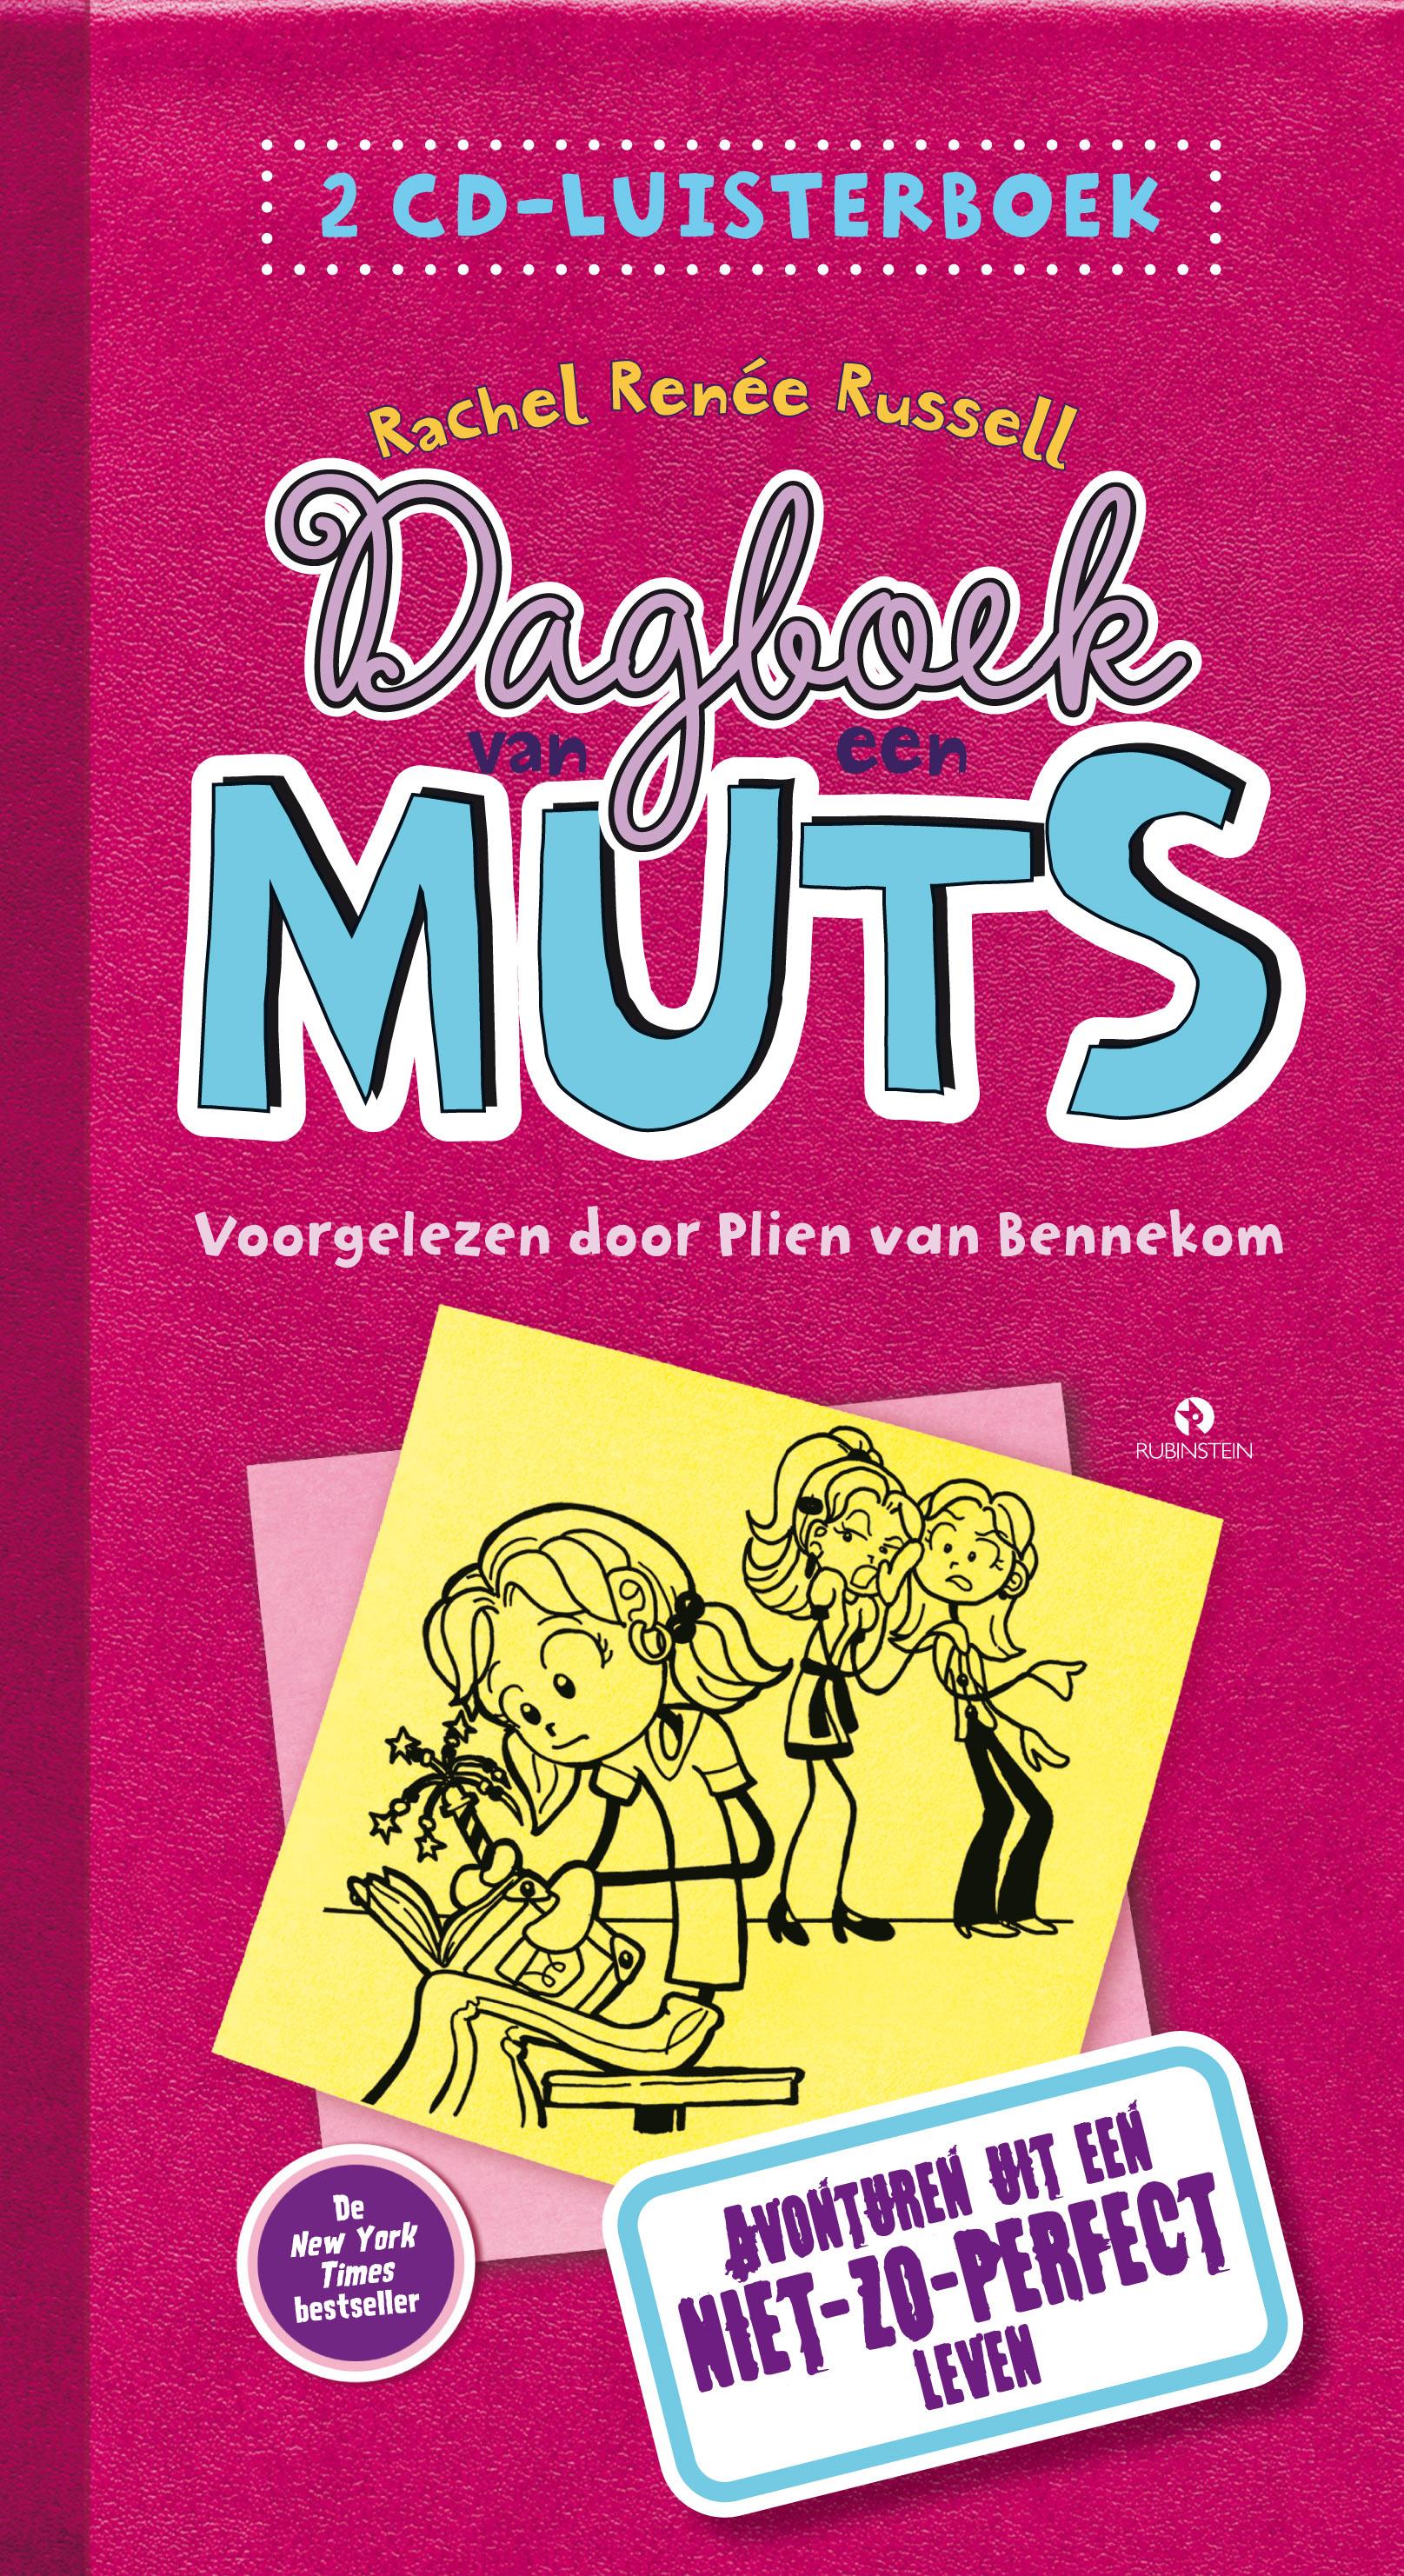 Dagboek van een muts: Avonturen uit een niet zo perfect leven luisterboek Book Cover